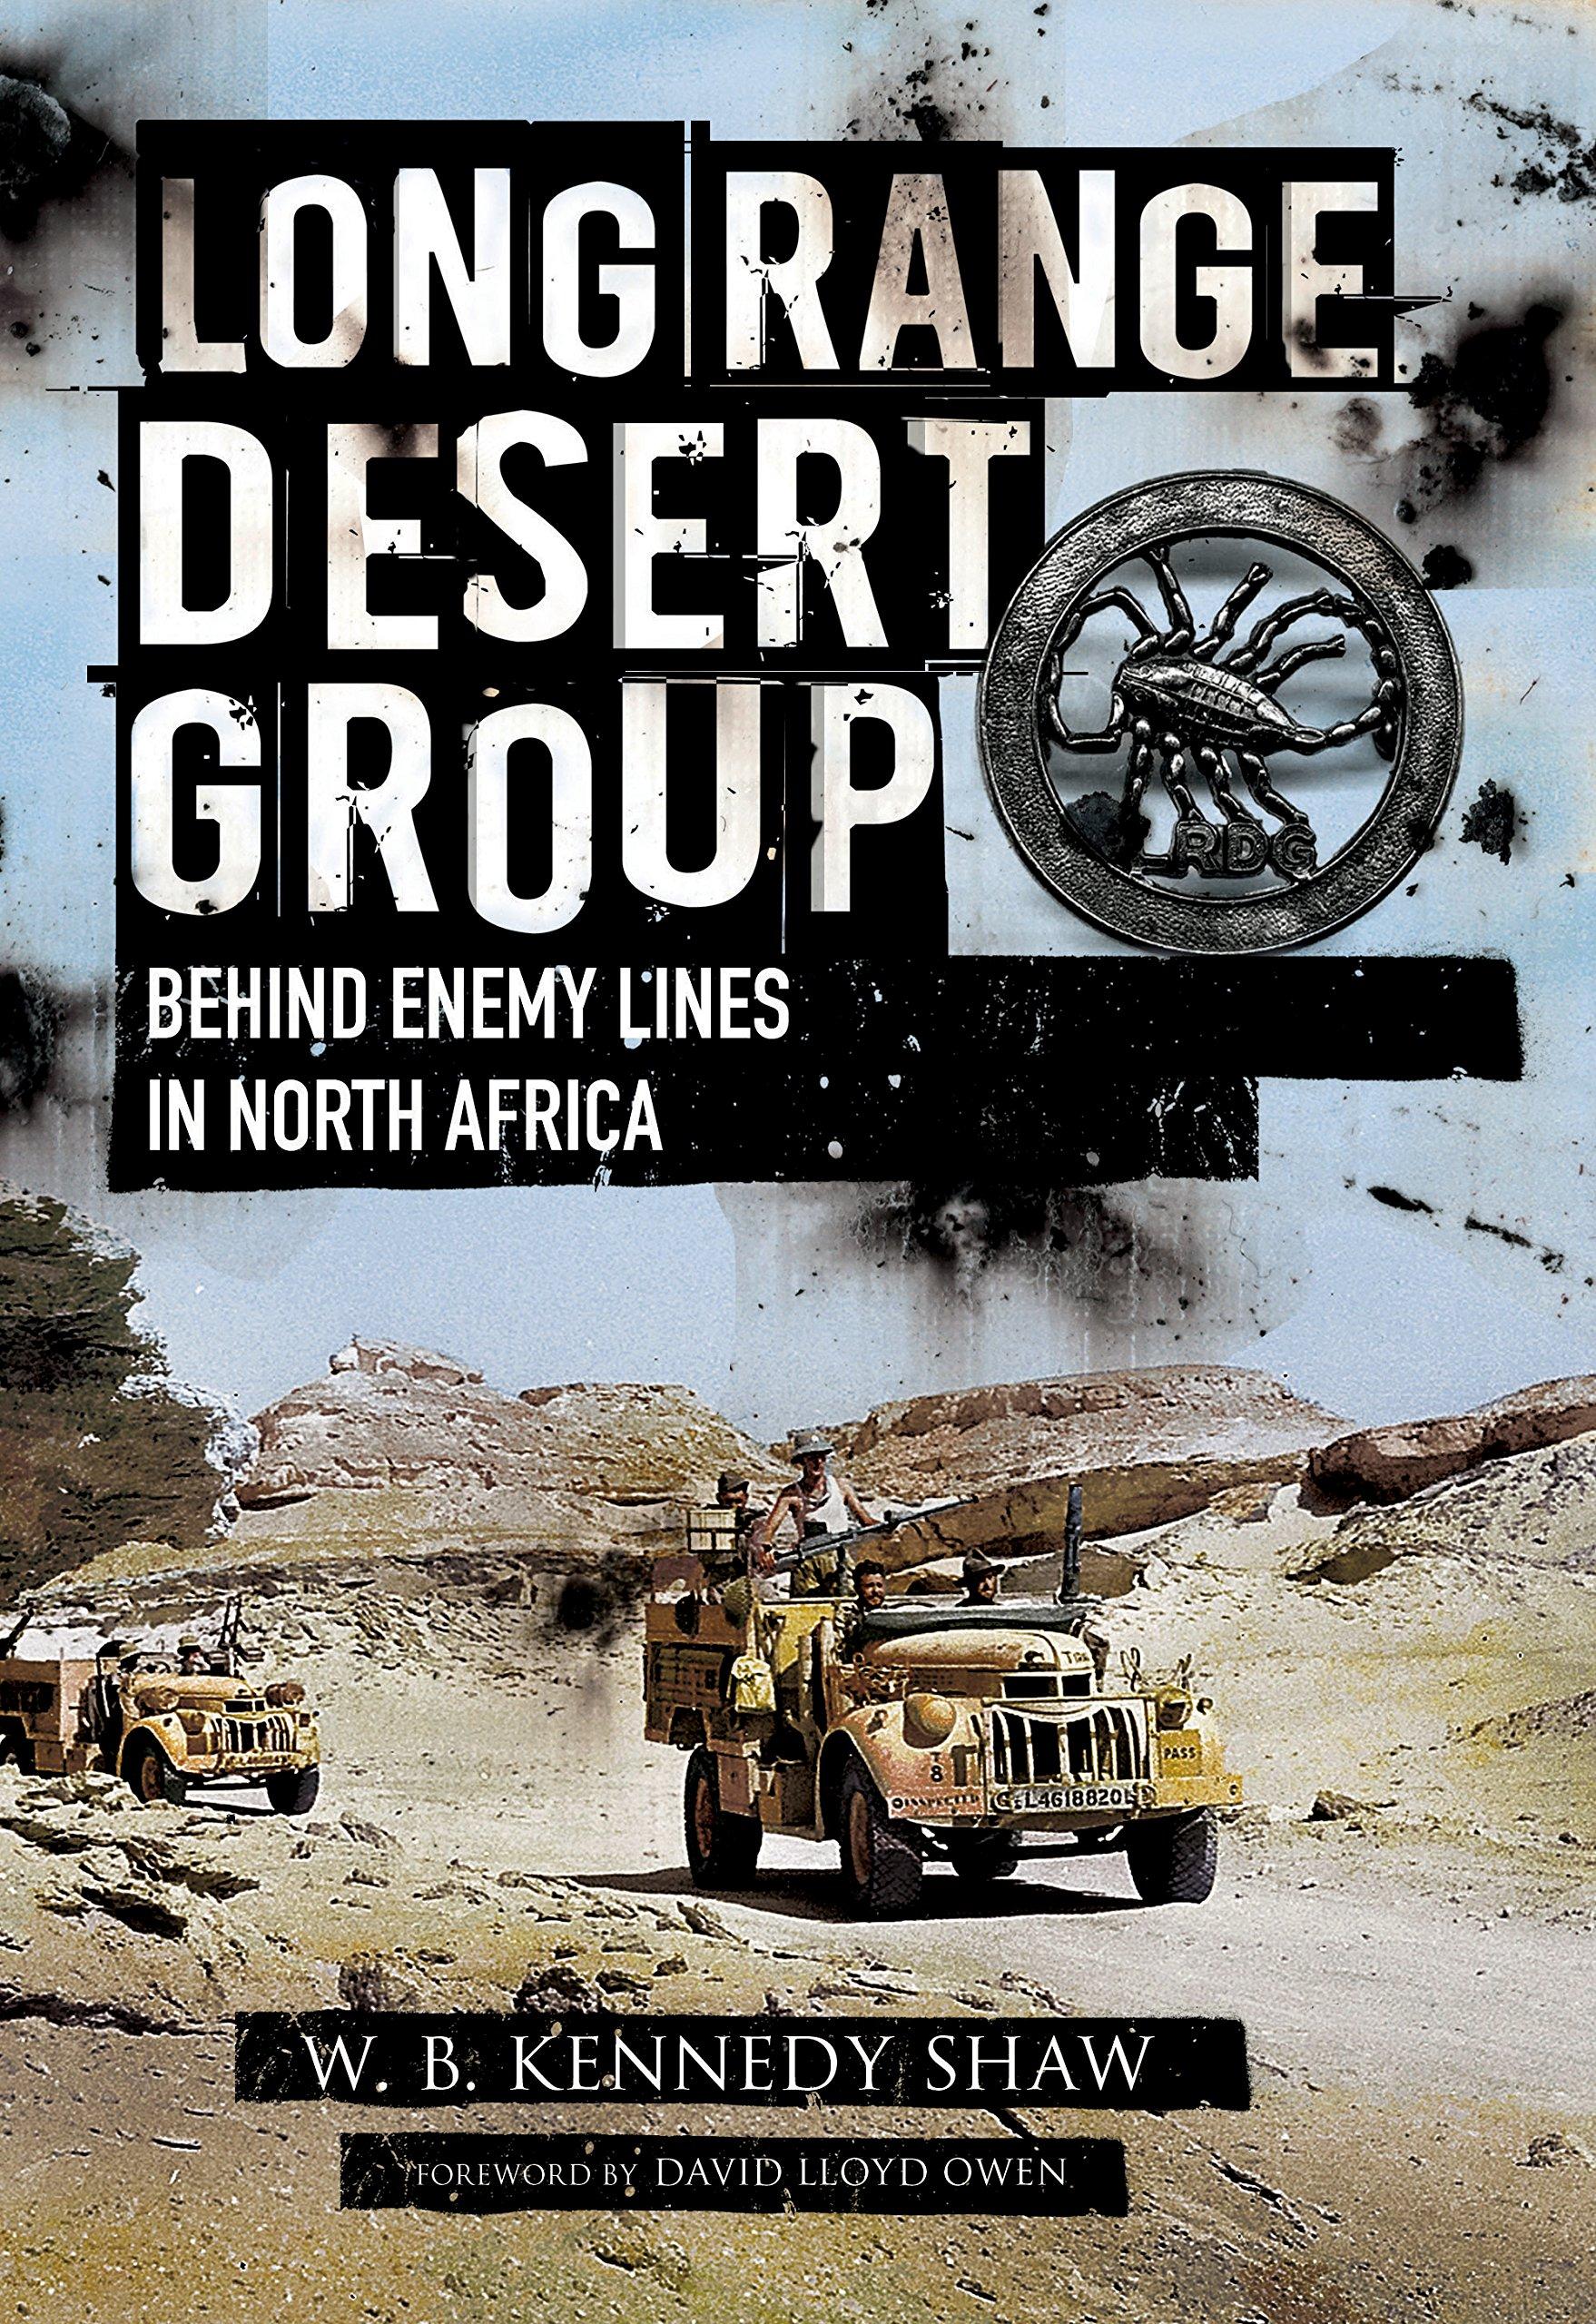 Army Notebook Lrdg Long Range Desert Group